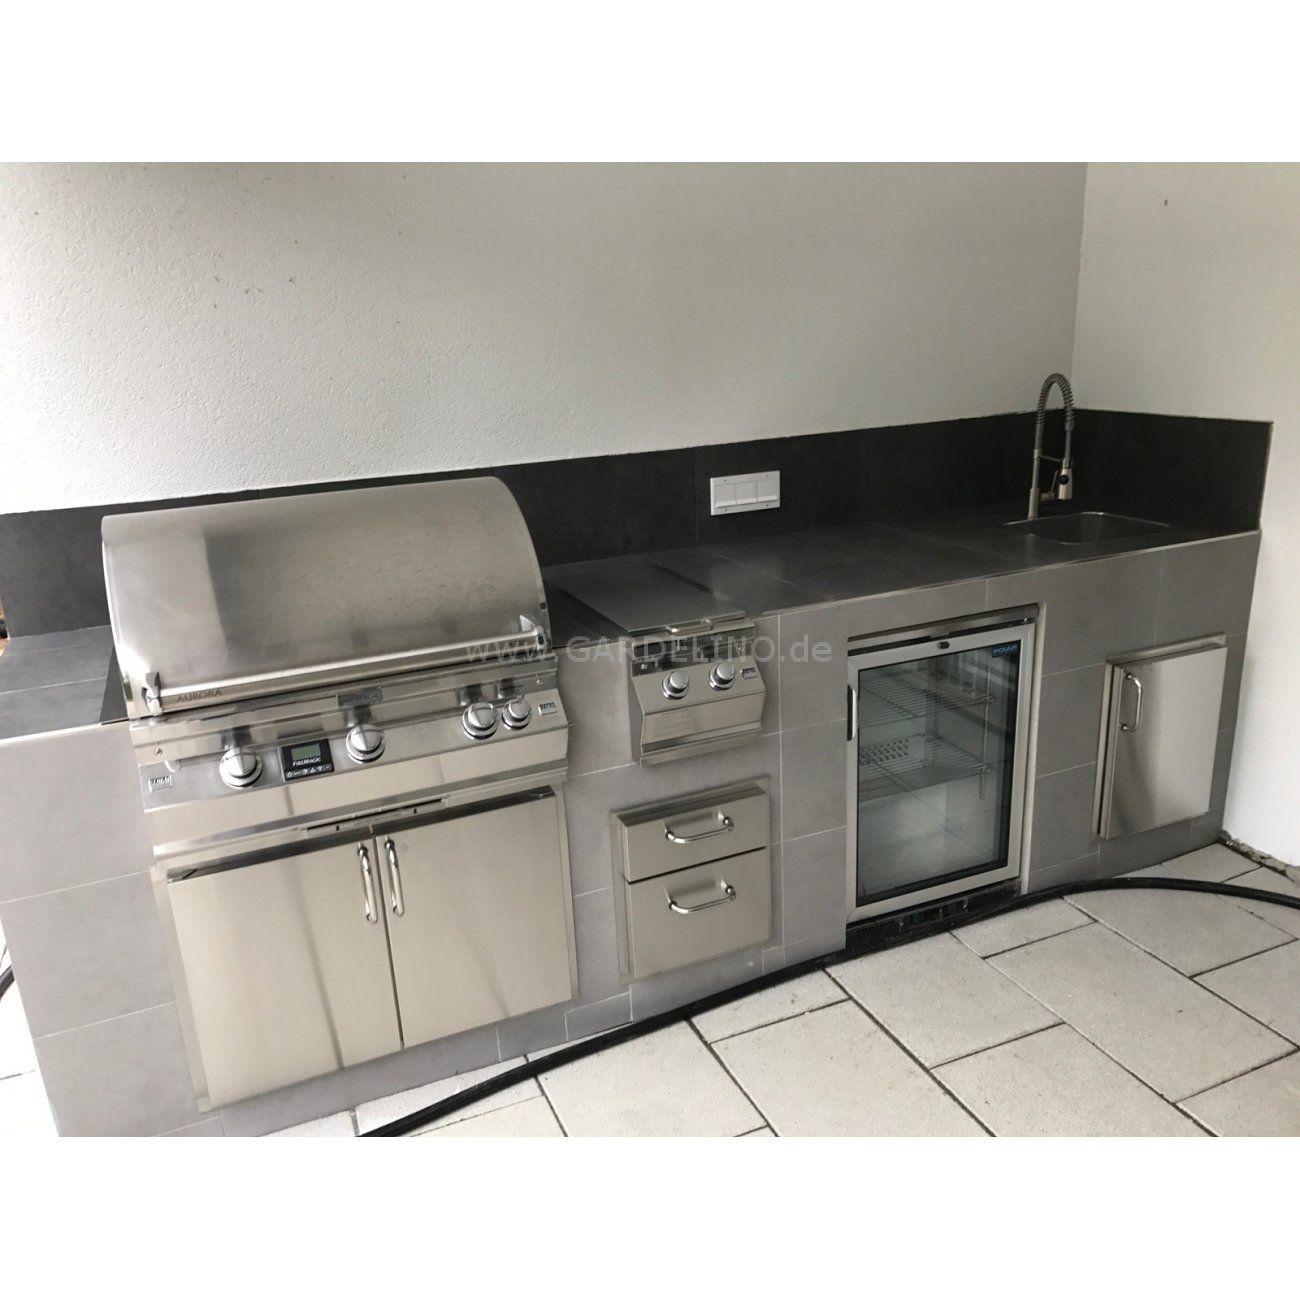 Moderne Gartenküche Aus Edelstahl Mit Fire Magic Grill Und Seitenbrenner,  Kühlschrank Und Spüle //